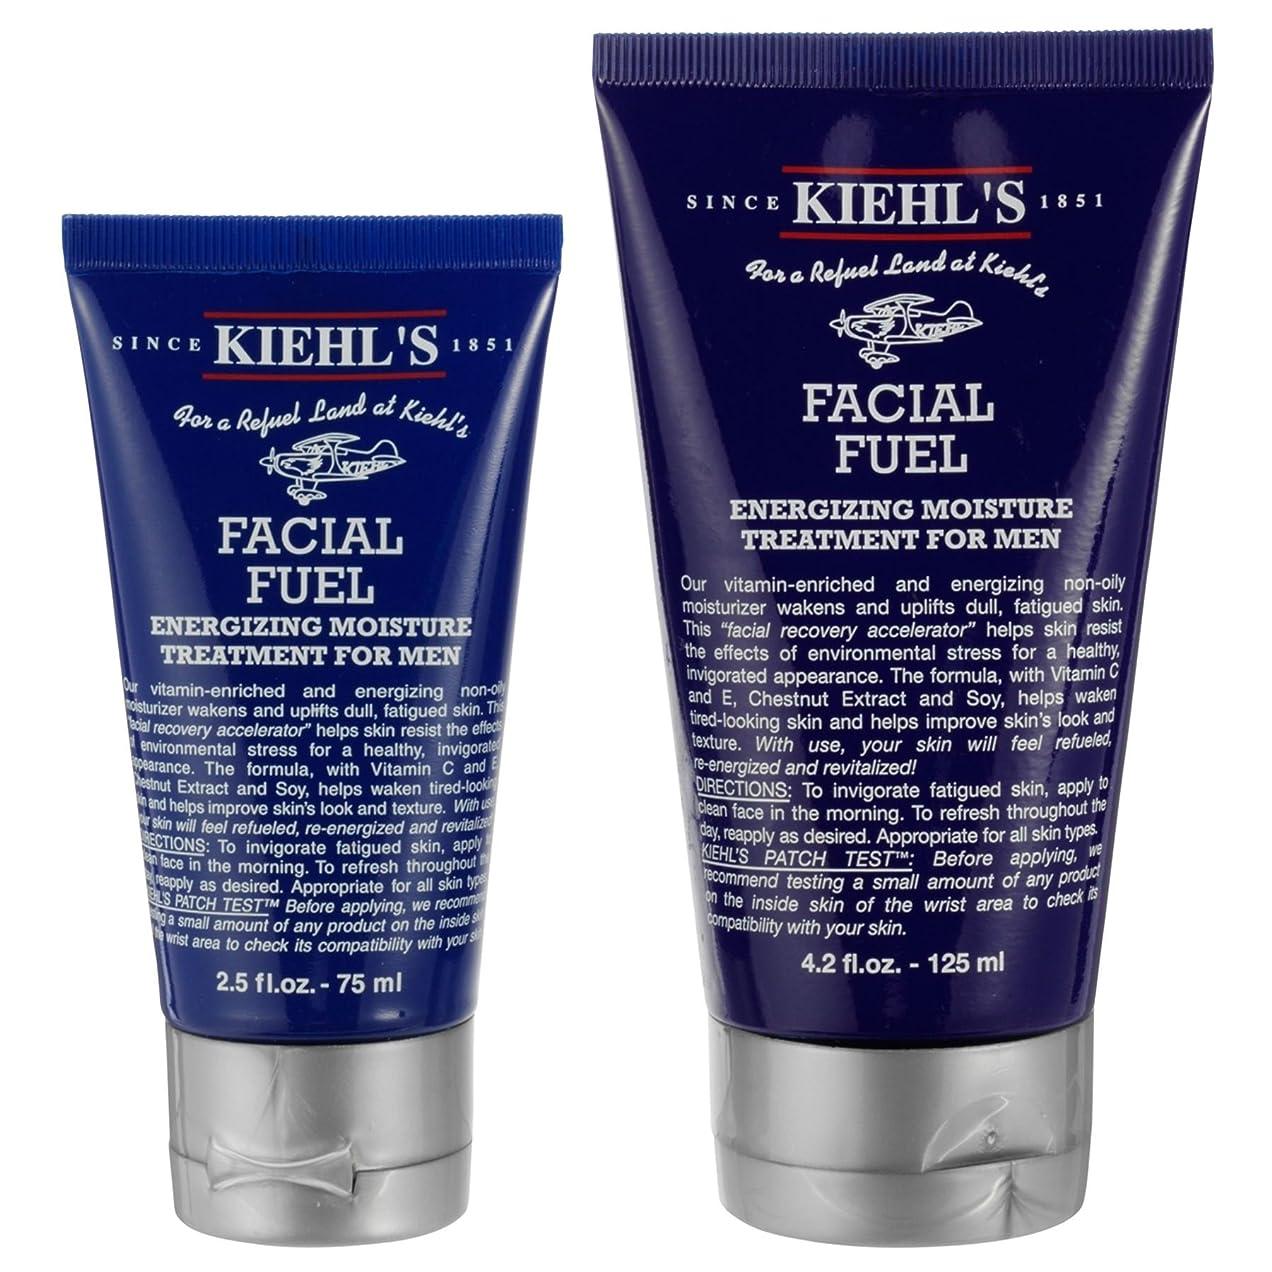 パーフェルビッド素人相反する[Kiehl's ] Kiehls究極の男の顔燃料125ミリリットル - Kiehls Ultimate Man Facial Fuel 125ml [並行輸入品]